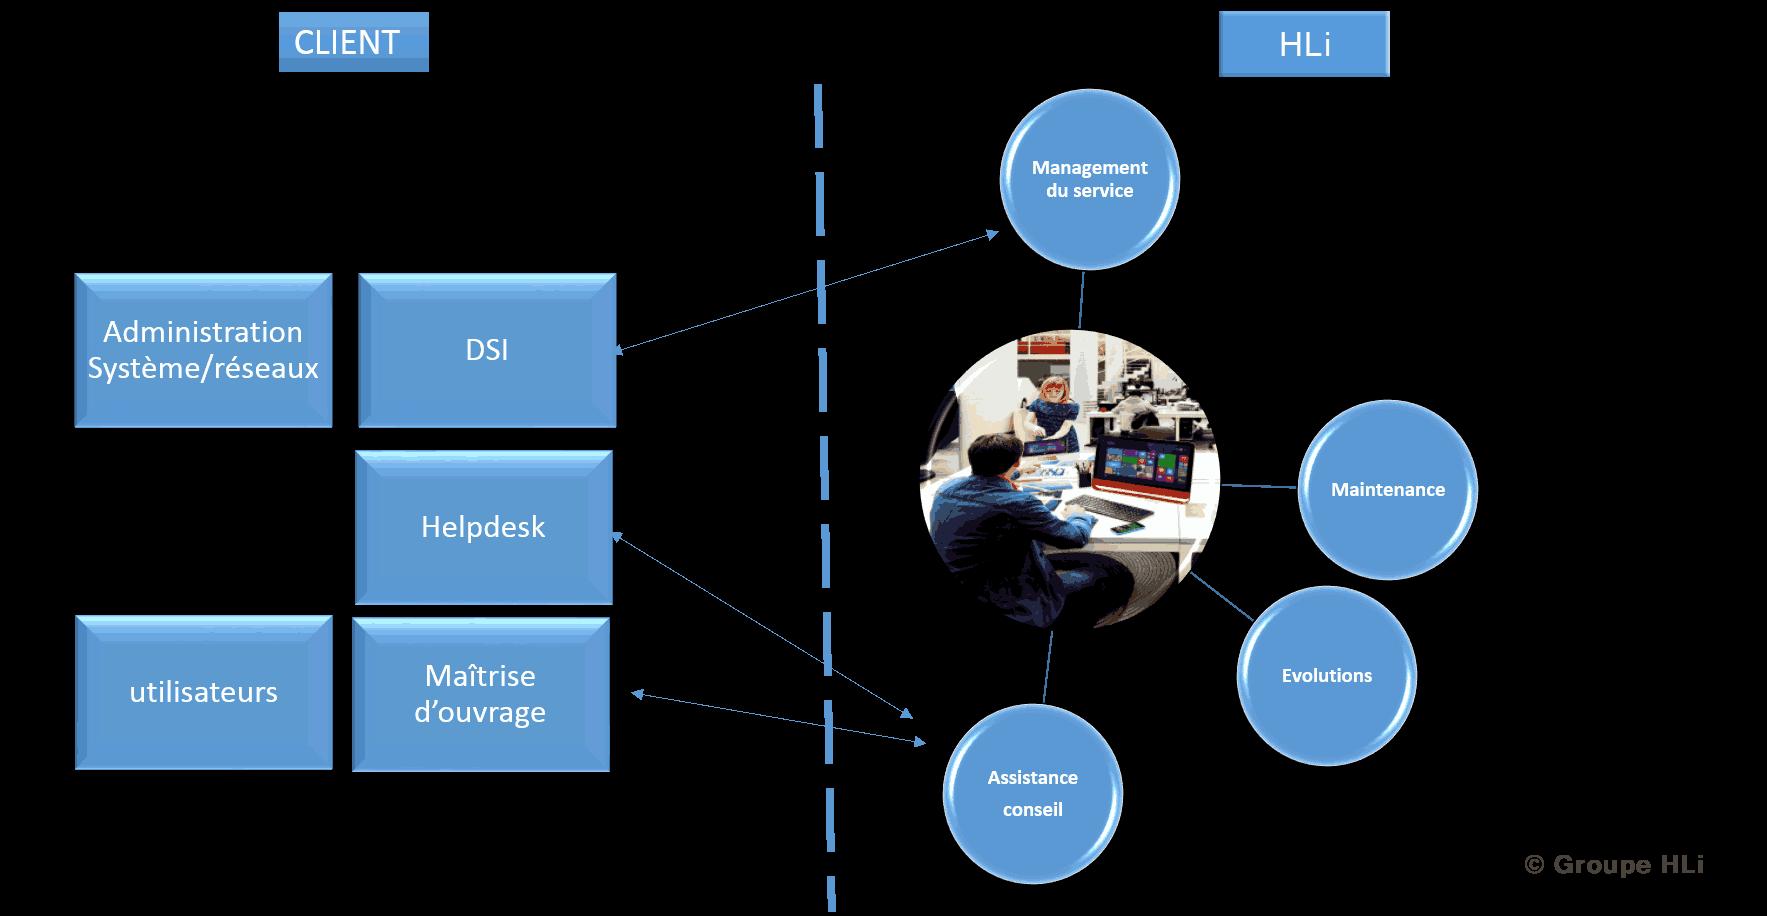 La répartition des activités entre client et le groupe HLi en DevOps